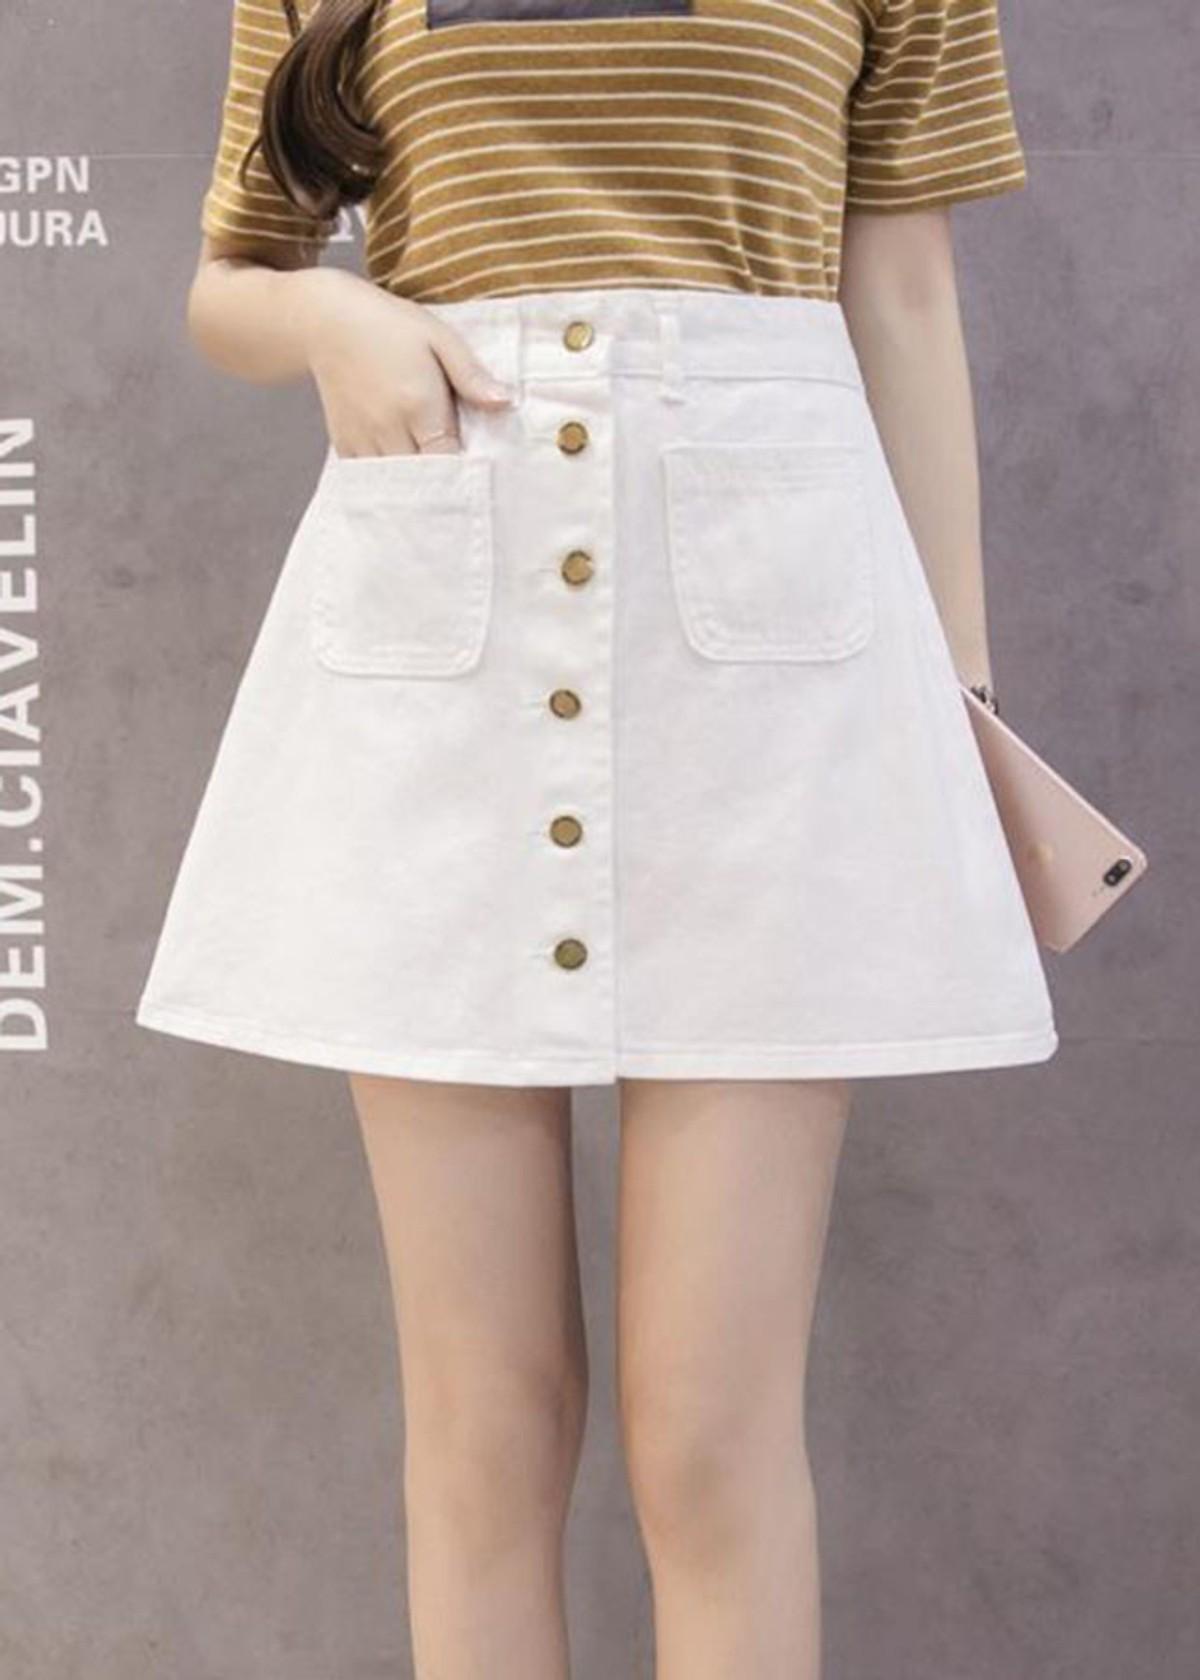 Chân váy chữ A LAHstore, chất liệu vải jeans thô bền bỉ, phong cách Hàn Quốc, thời trang trẻ 1